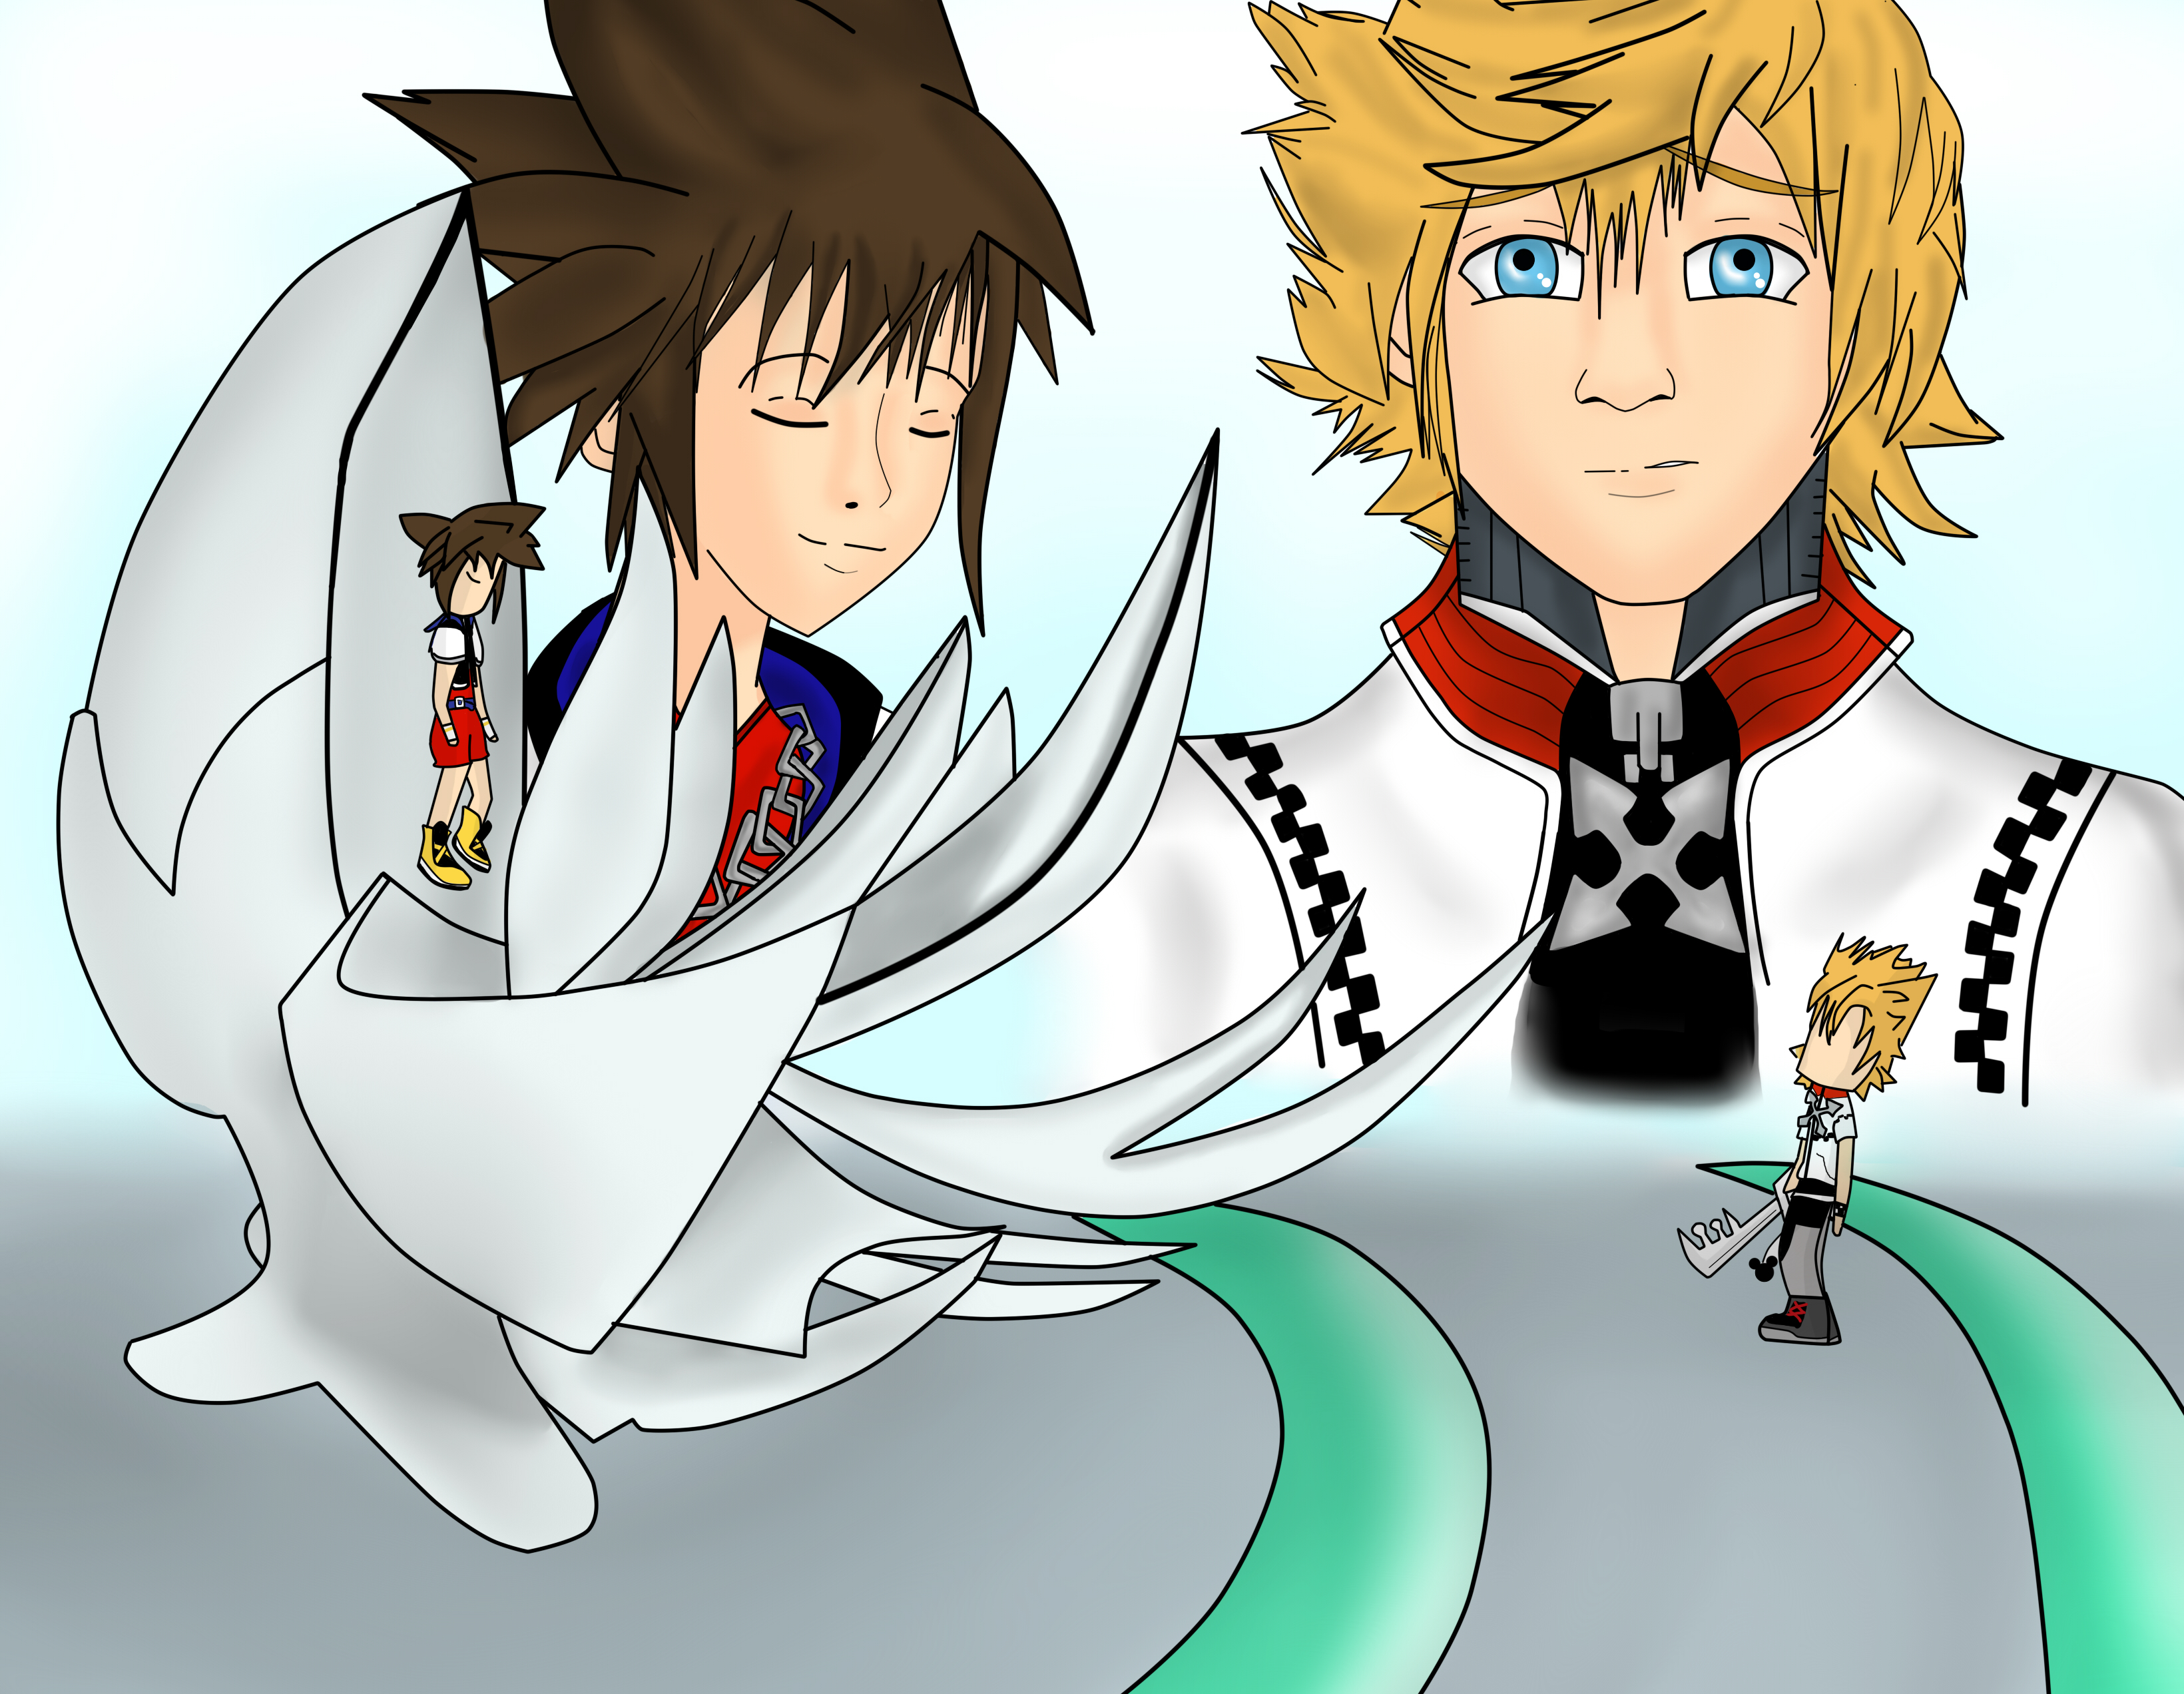 Kingdom Hearts Lineart : Kingdom hearts roxas meets sora by thuthukachoo on deviantart